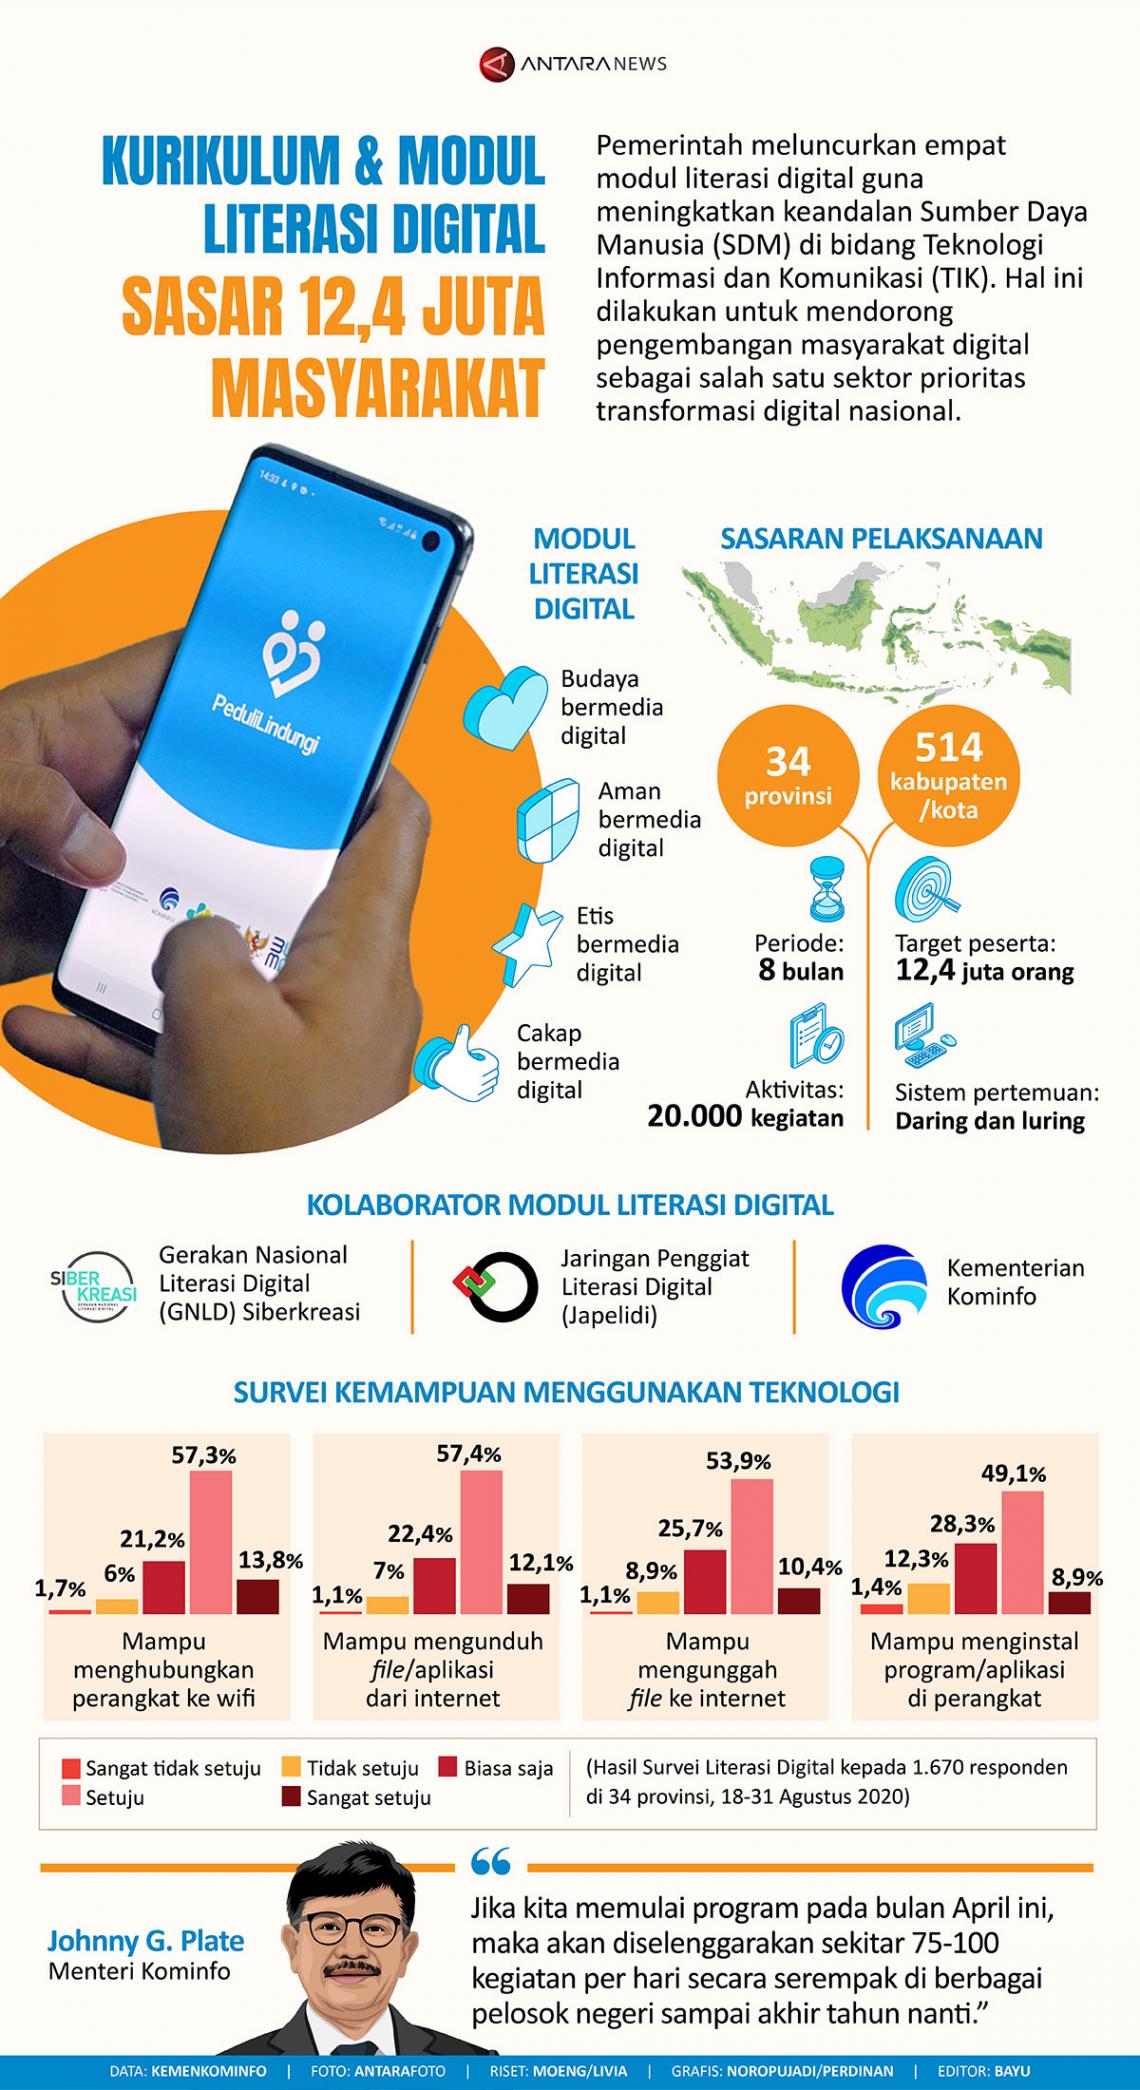 Kurikulum dan modul literasi digital sasar 12,4 juta masyarakat